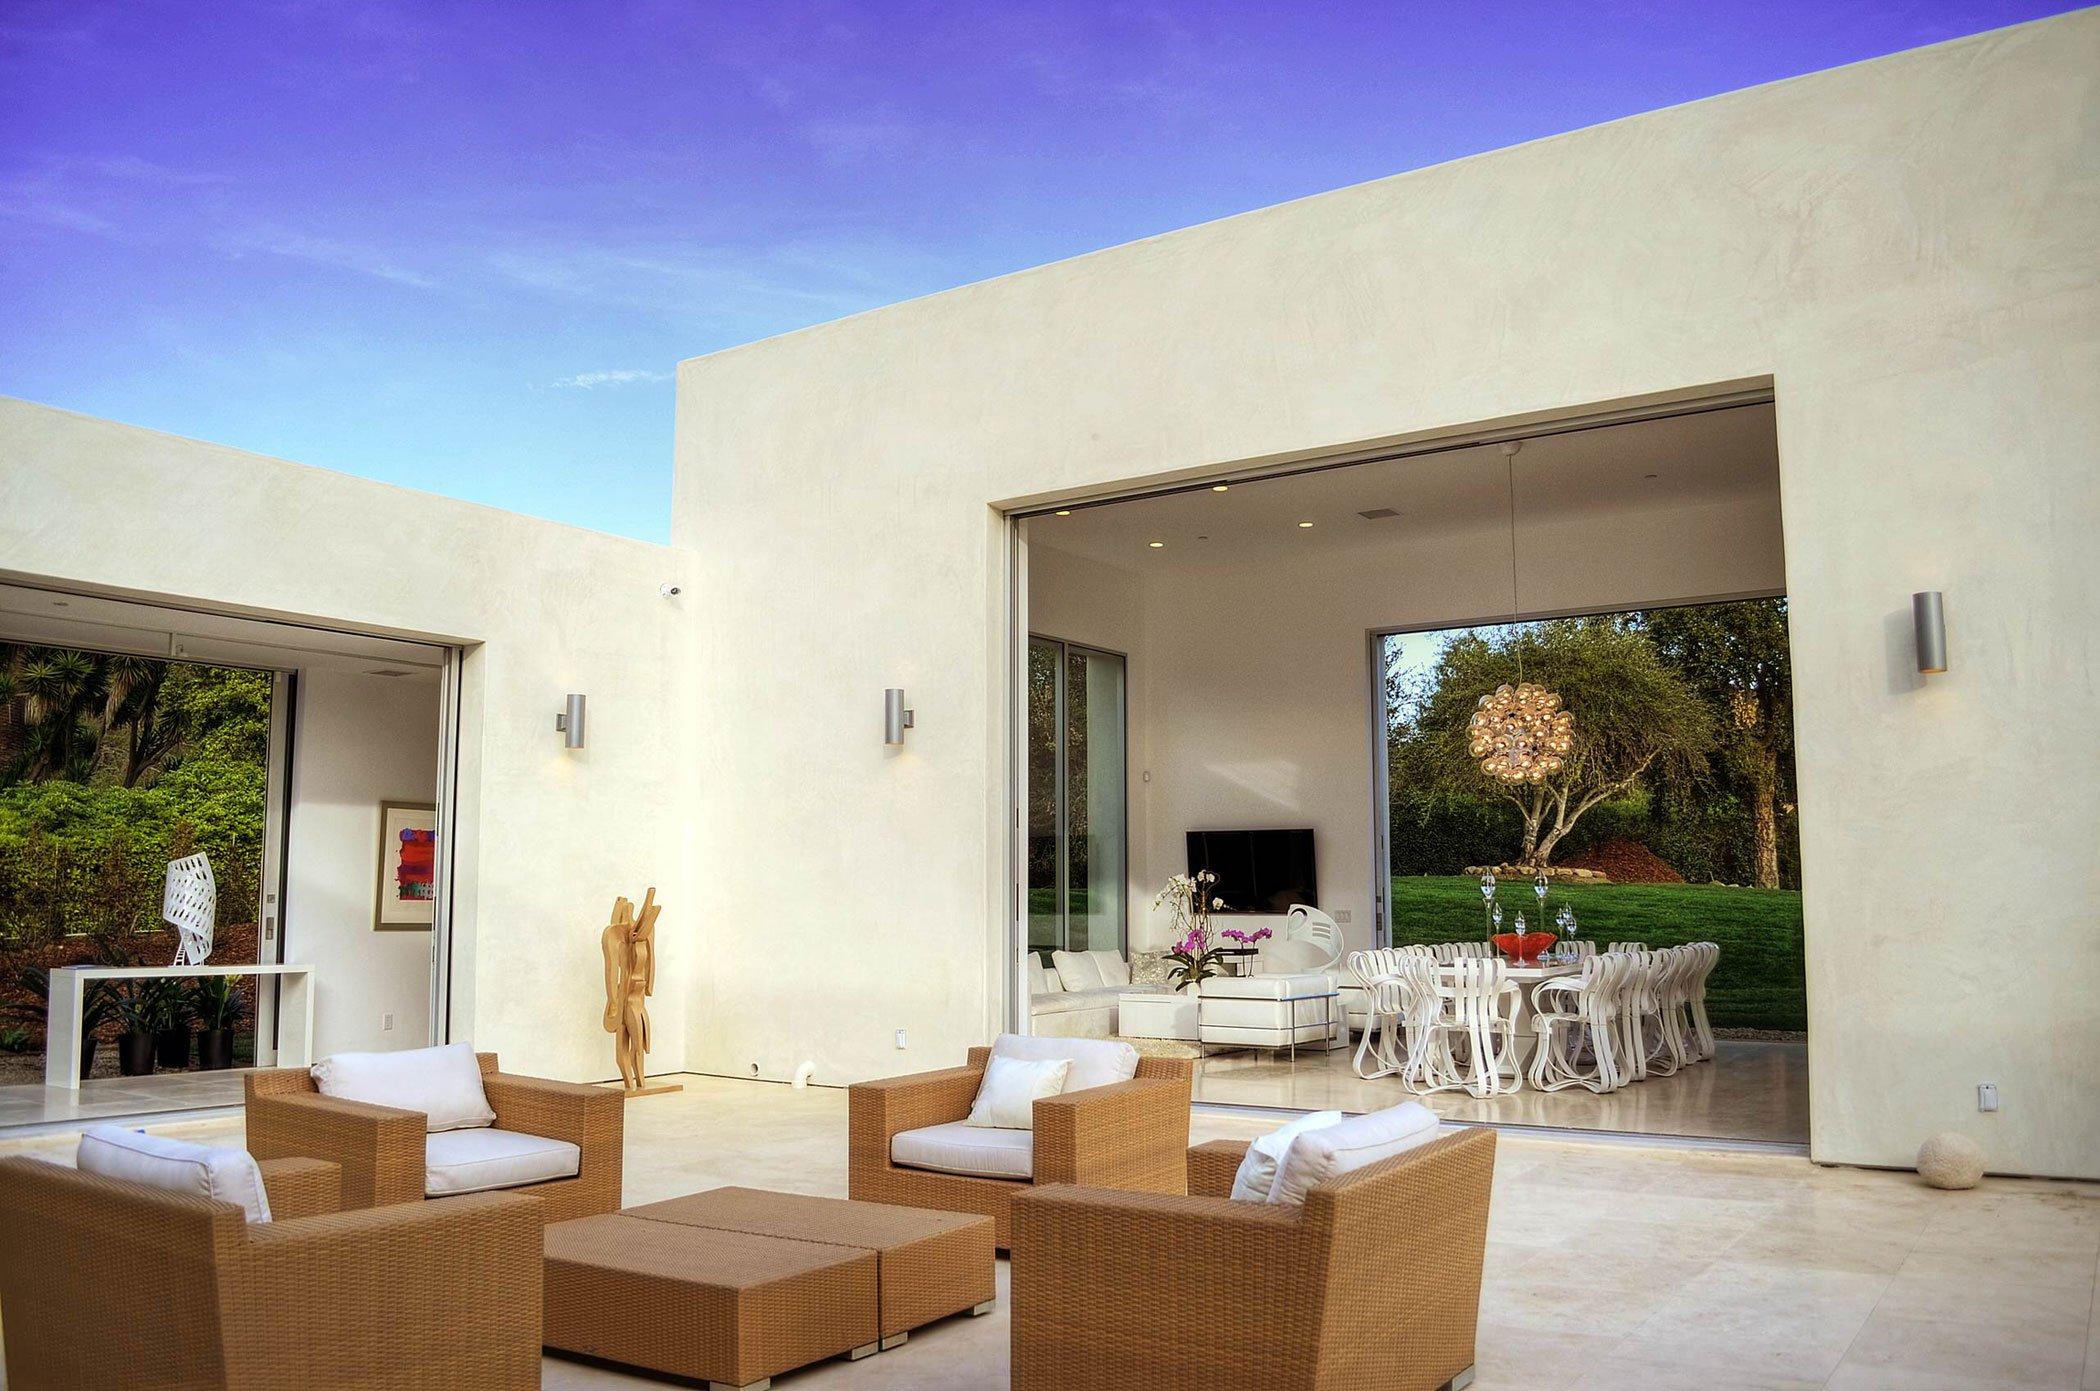 Home-in-Montecito-07